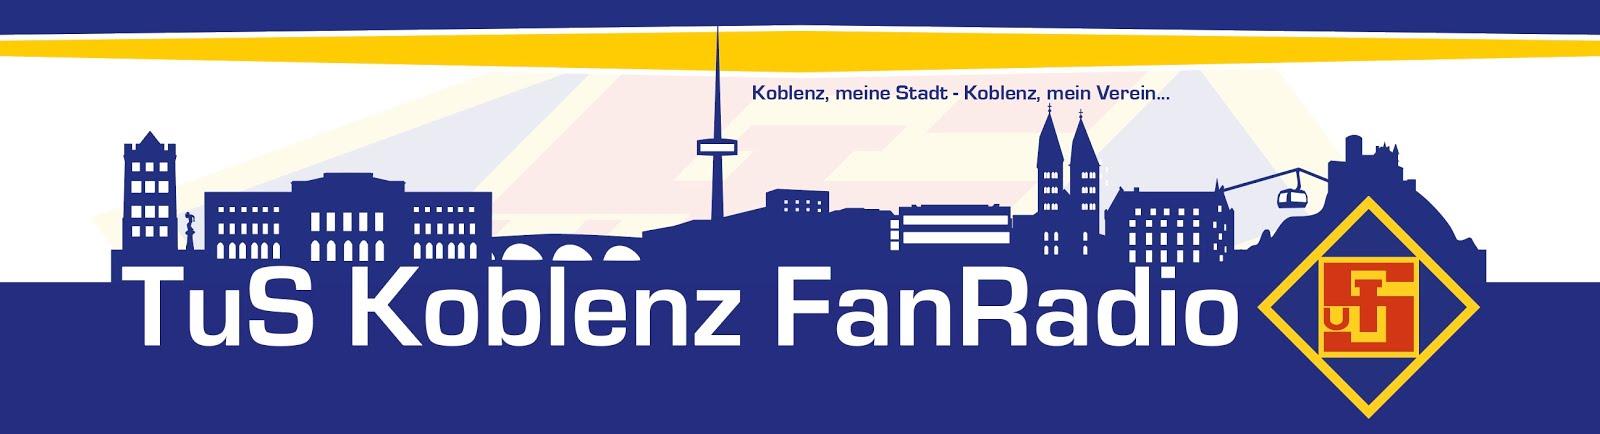 TuS FanRadio – Die Spiele der TuS Koblenz im Livestream